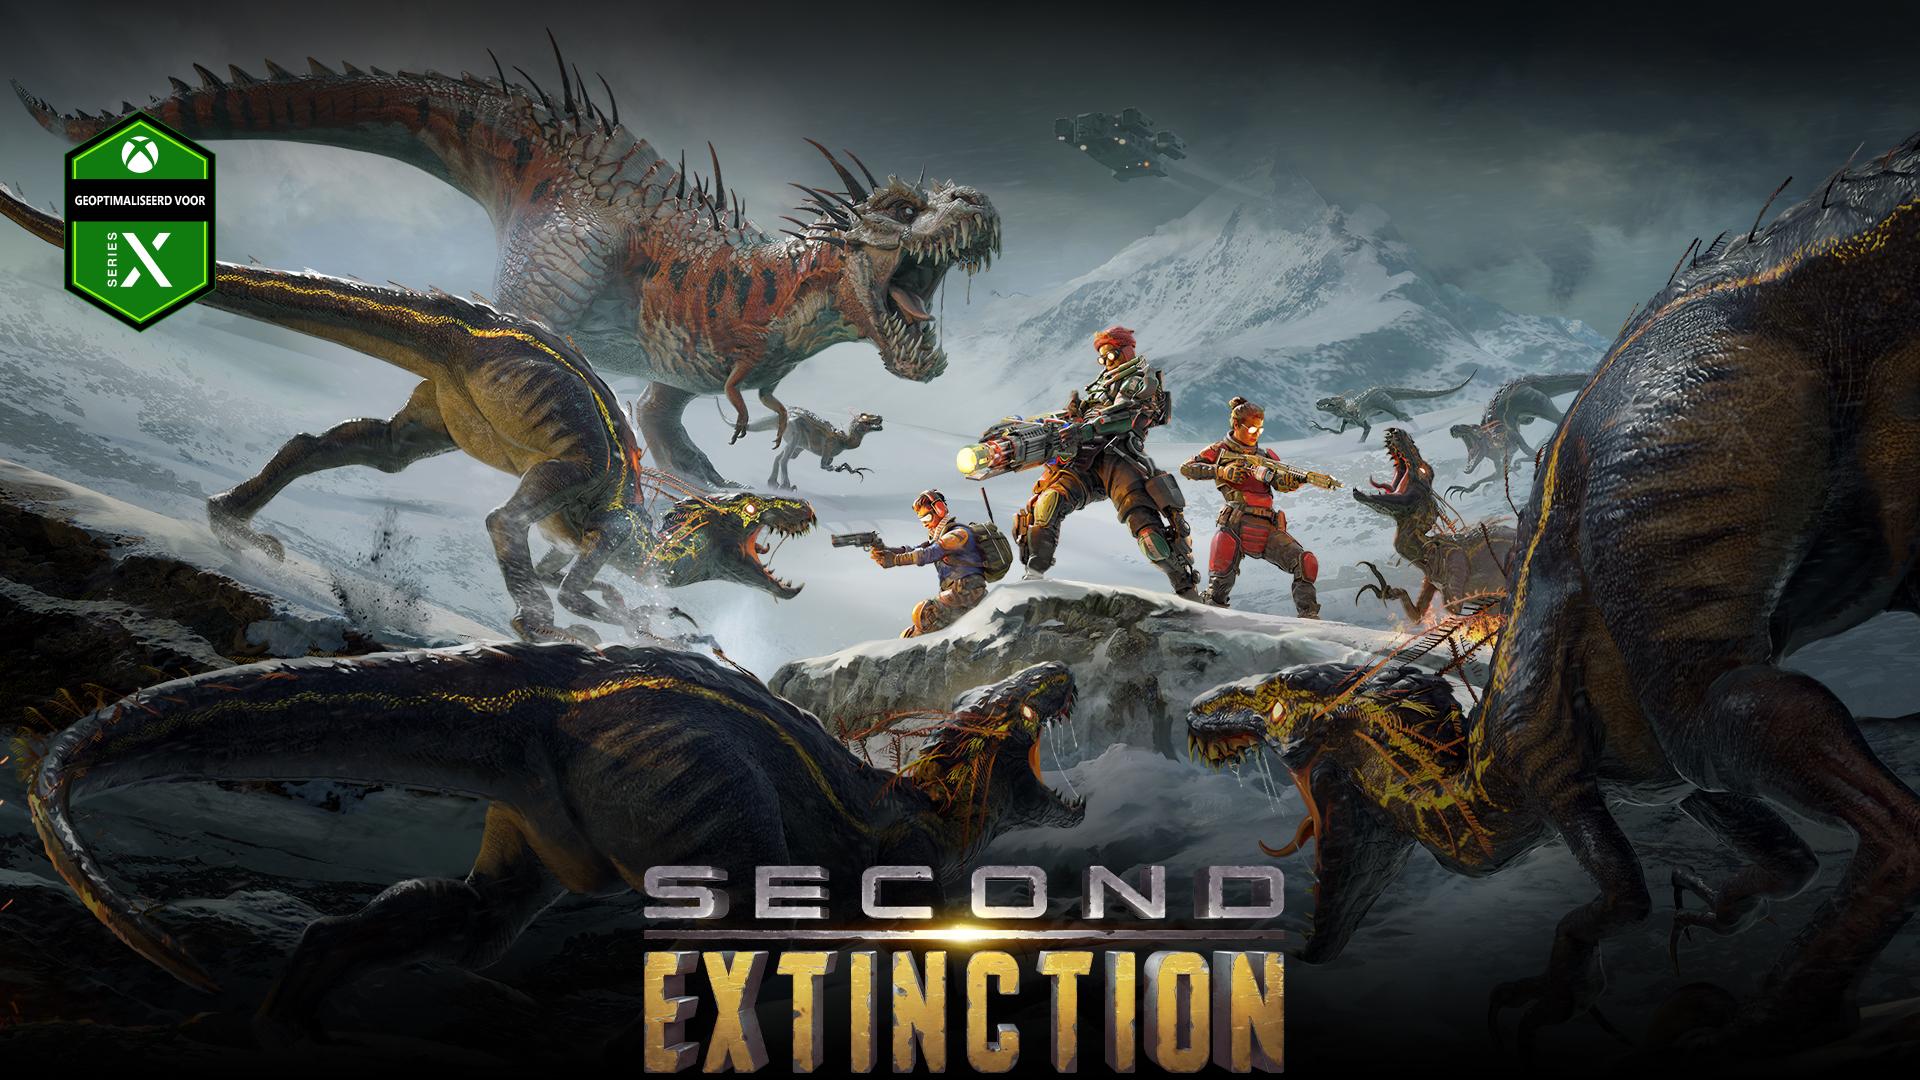 Second Extinction, geoptimaliseerd voor Series X, een groep personages strijdt met een groep dinosaurussen.